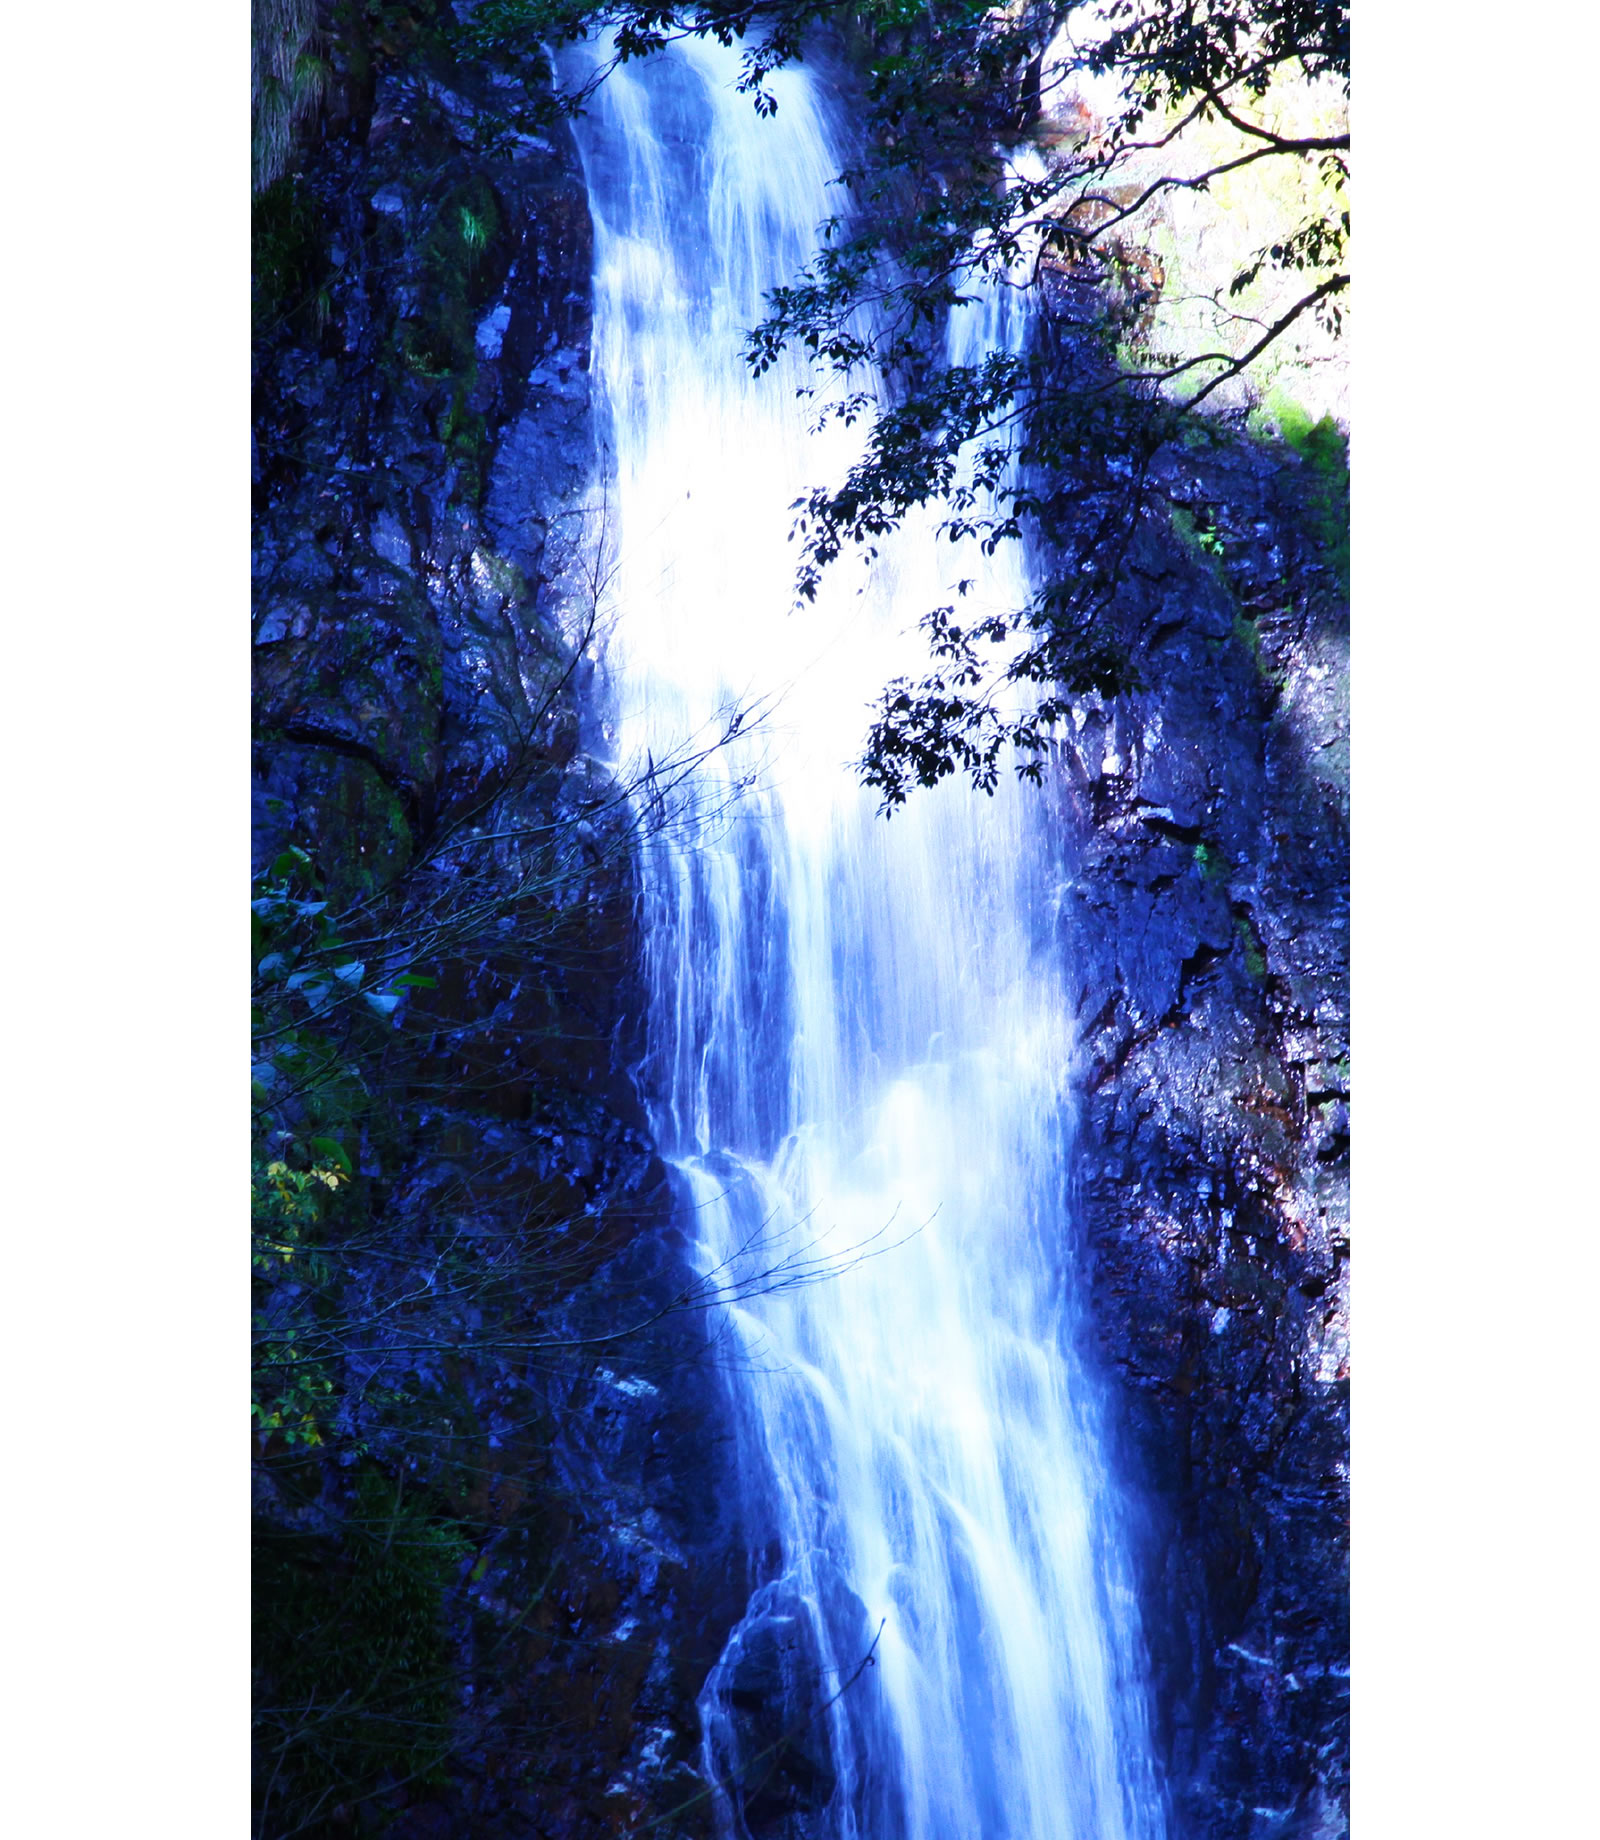 Sugao Falls